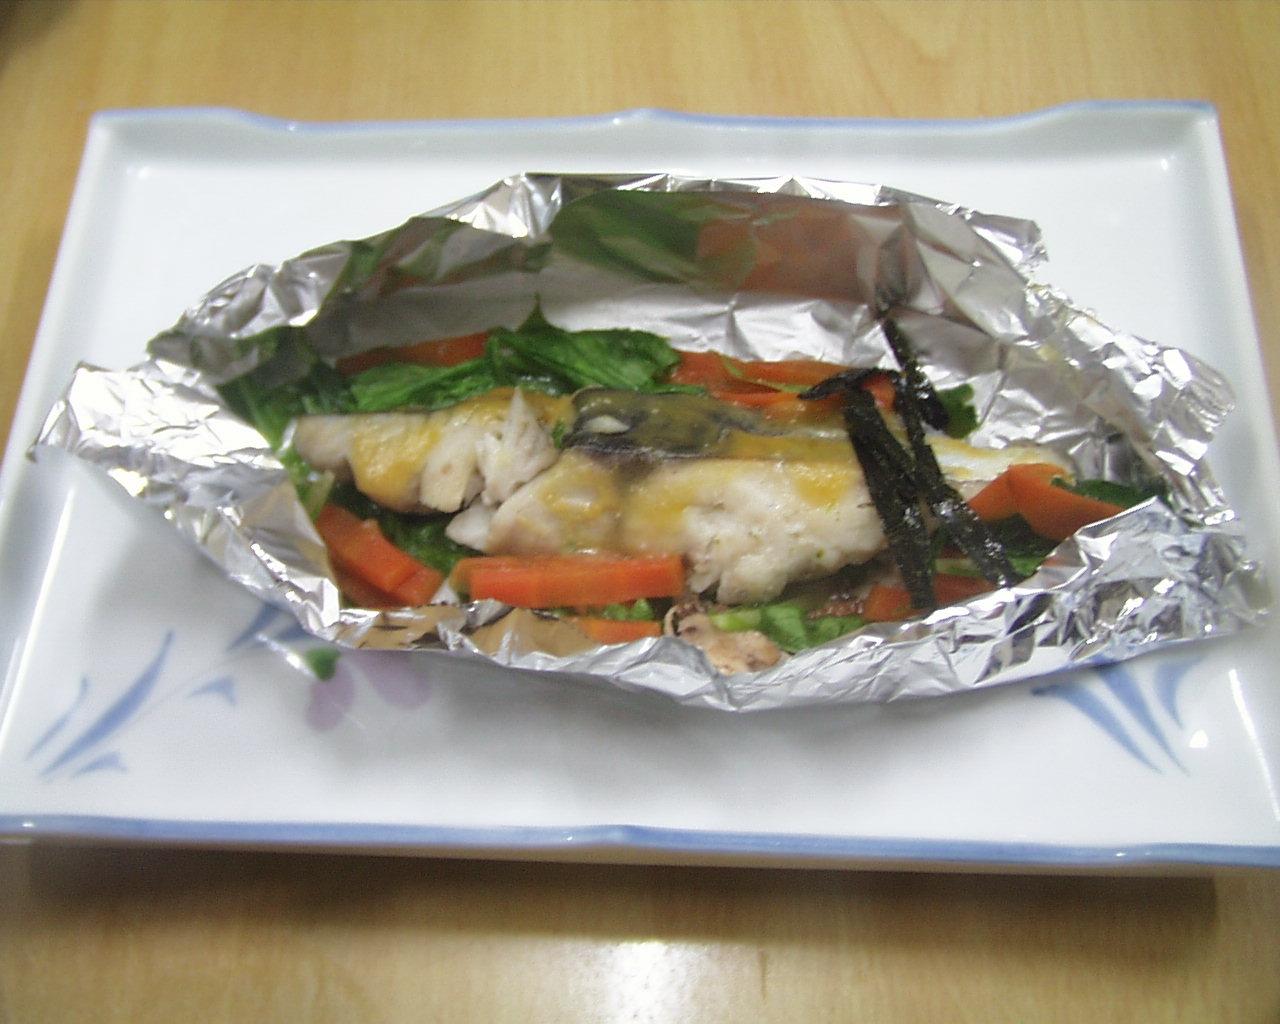 さわら、にんじん、水菜のアルミホイル焼き、刻み海苔